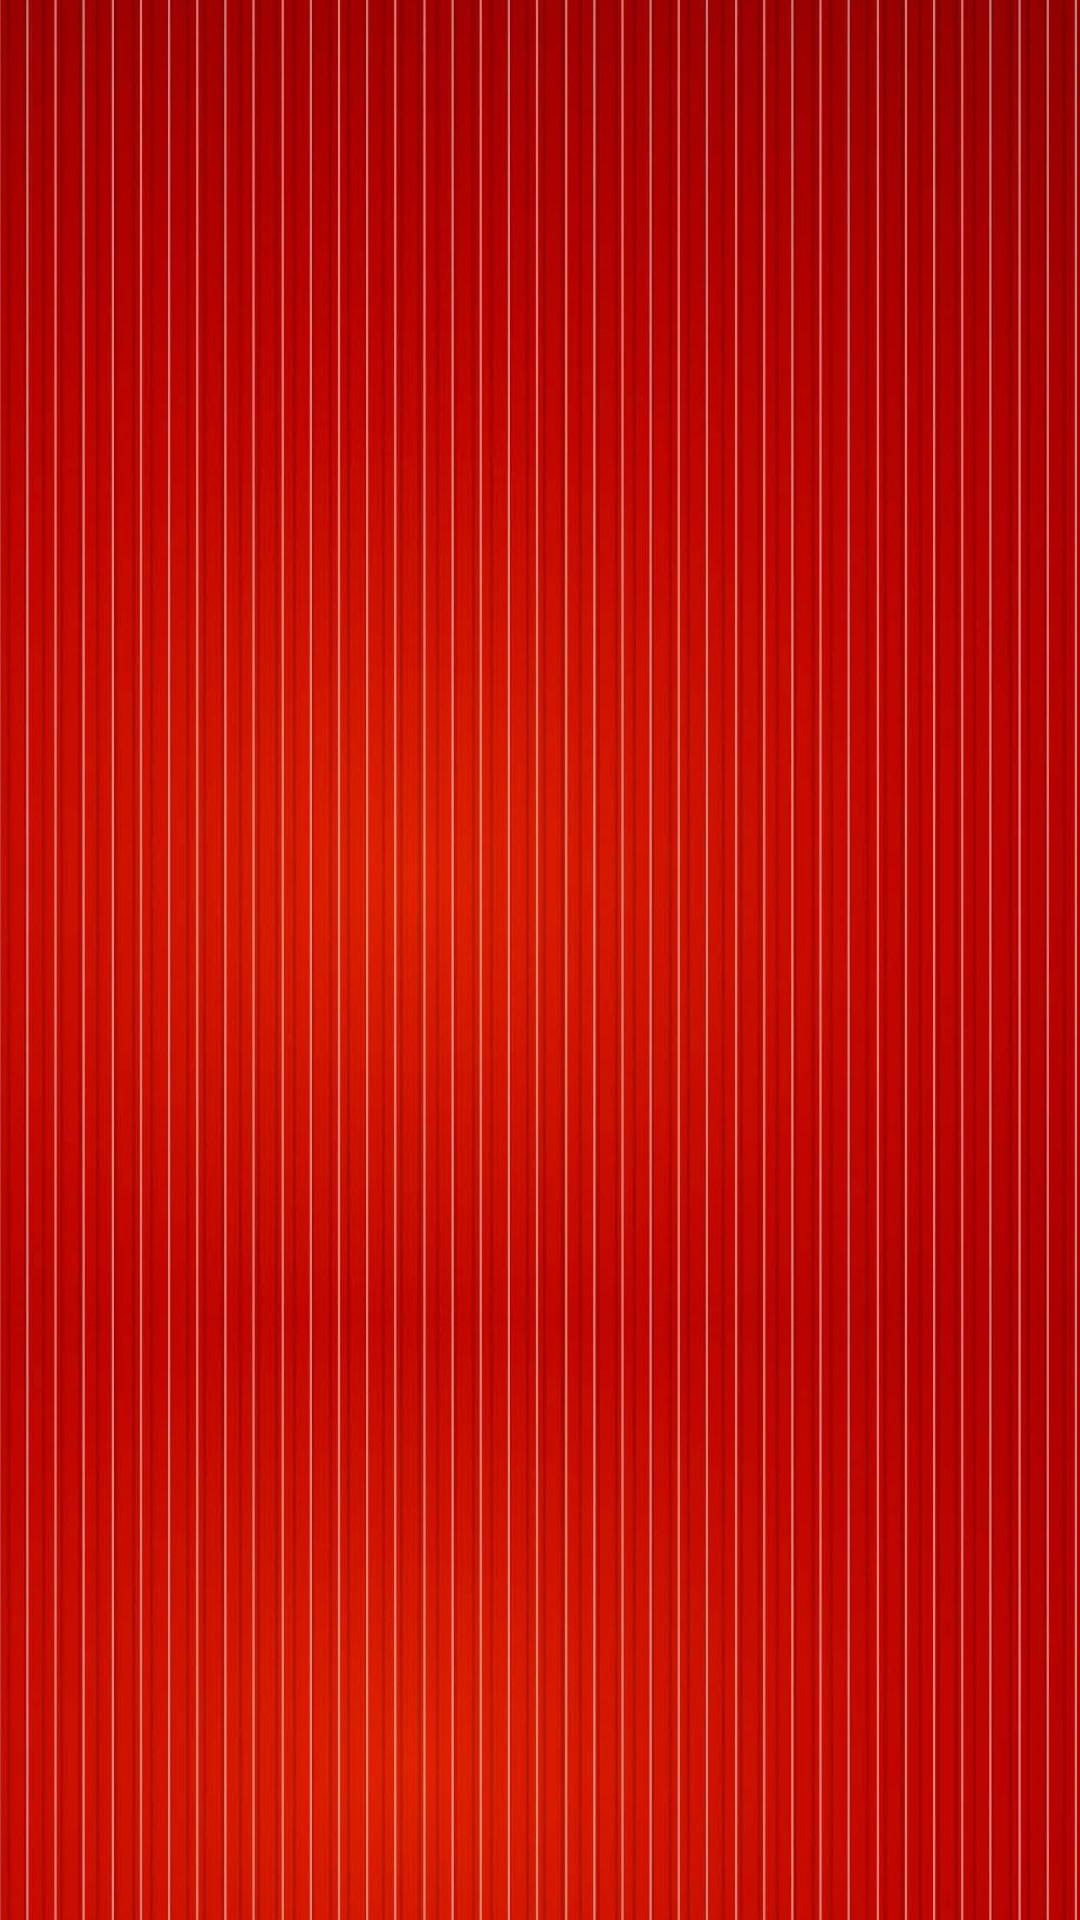 赤のパターンの背景iphone8 Plus Android壁紙 1080 19 Iphoneチーズ